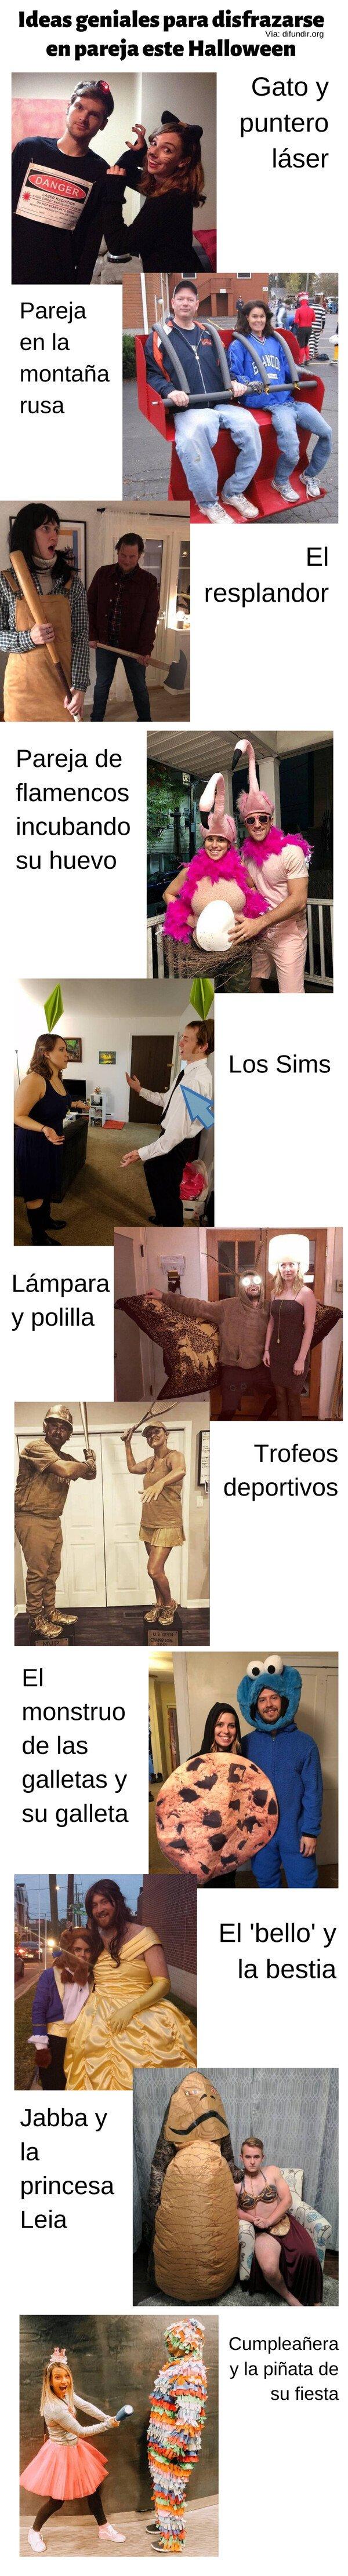 Meme_otros - Ideas geniales para disfrazarse en pareja este Halloween